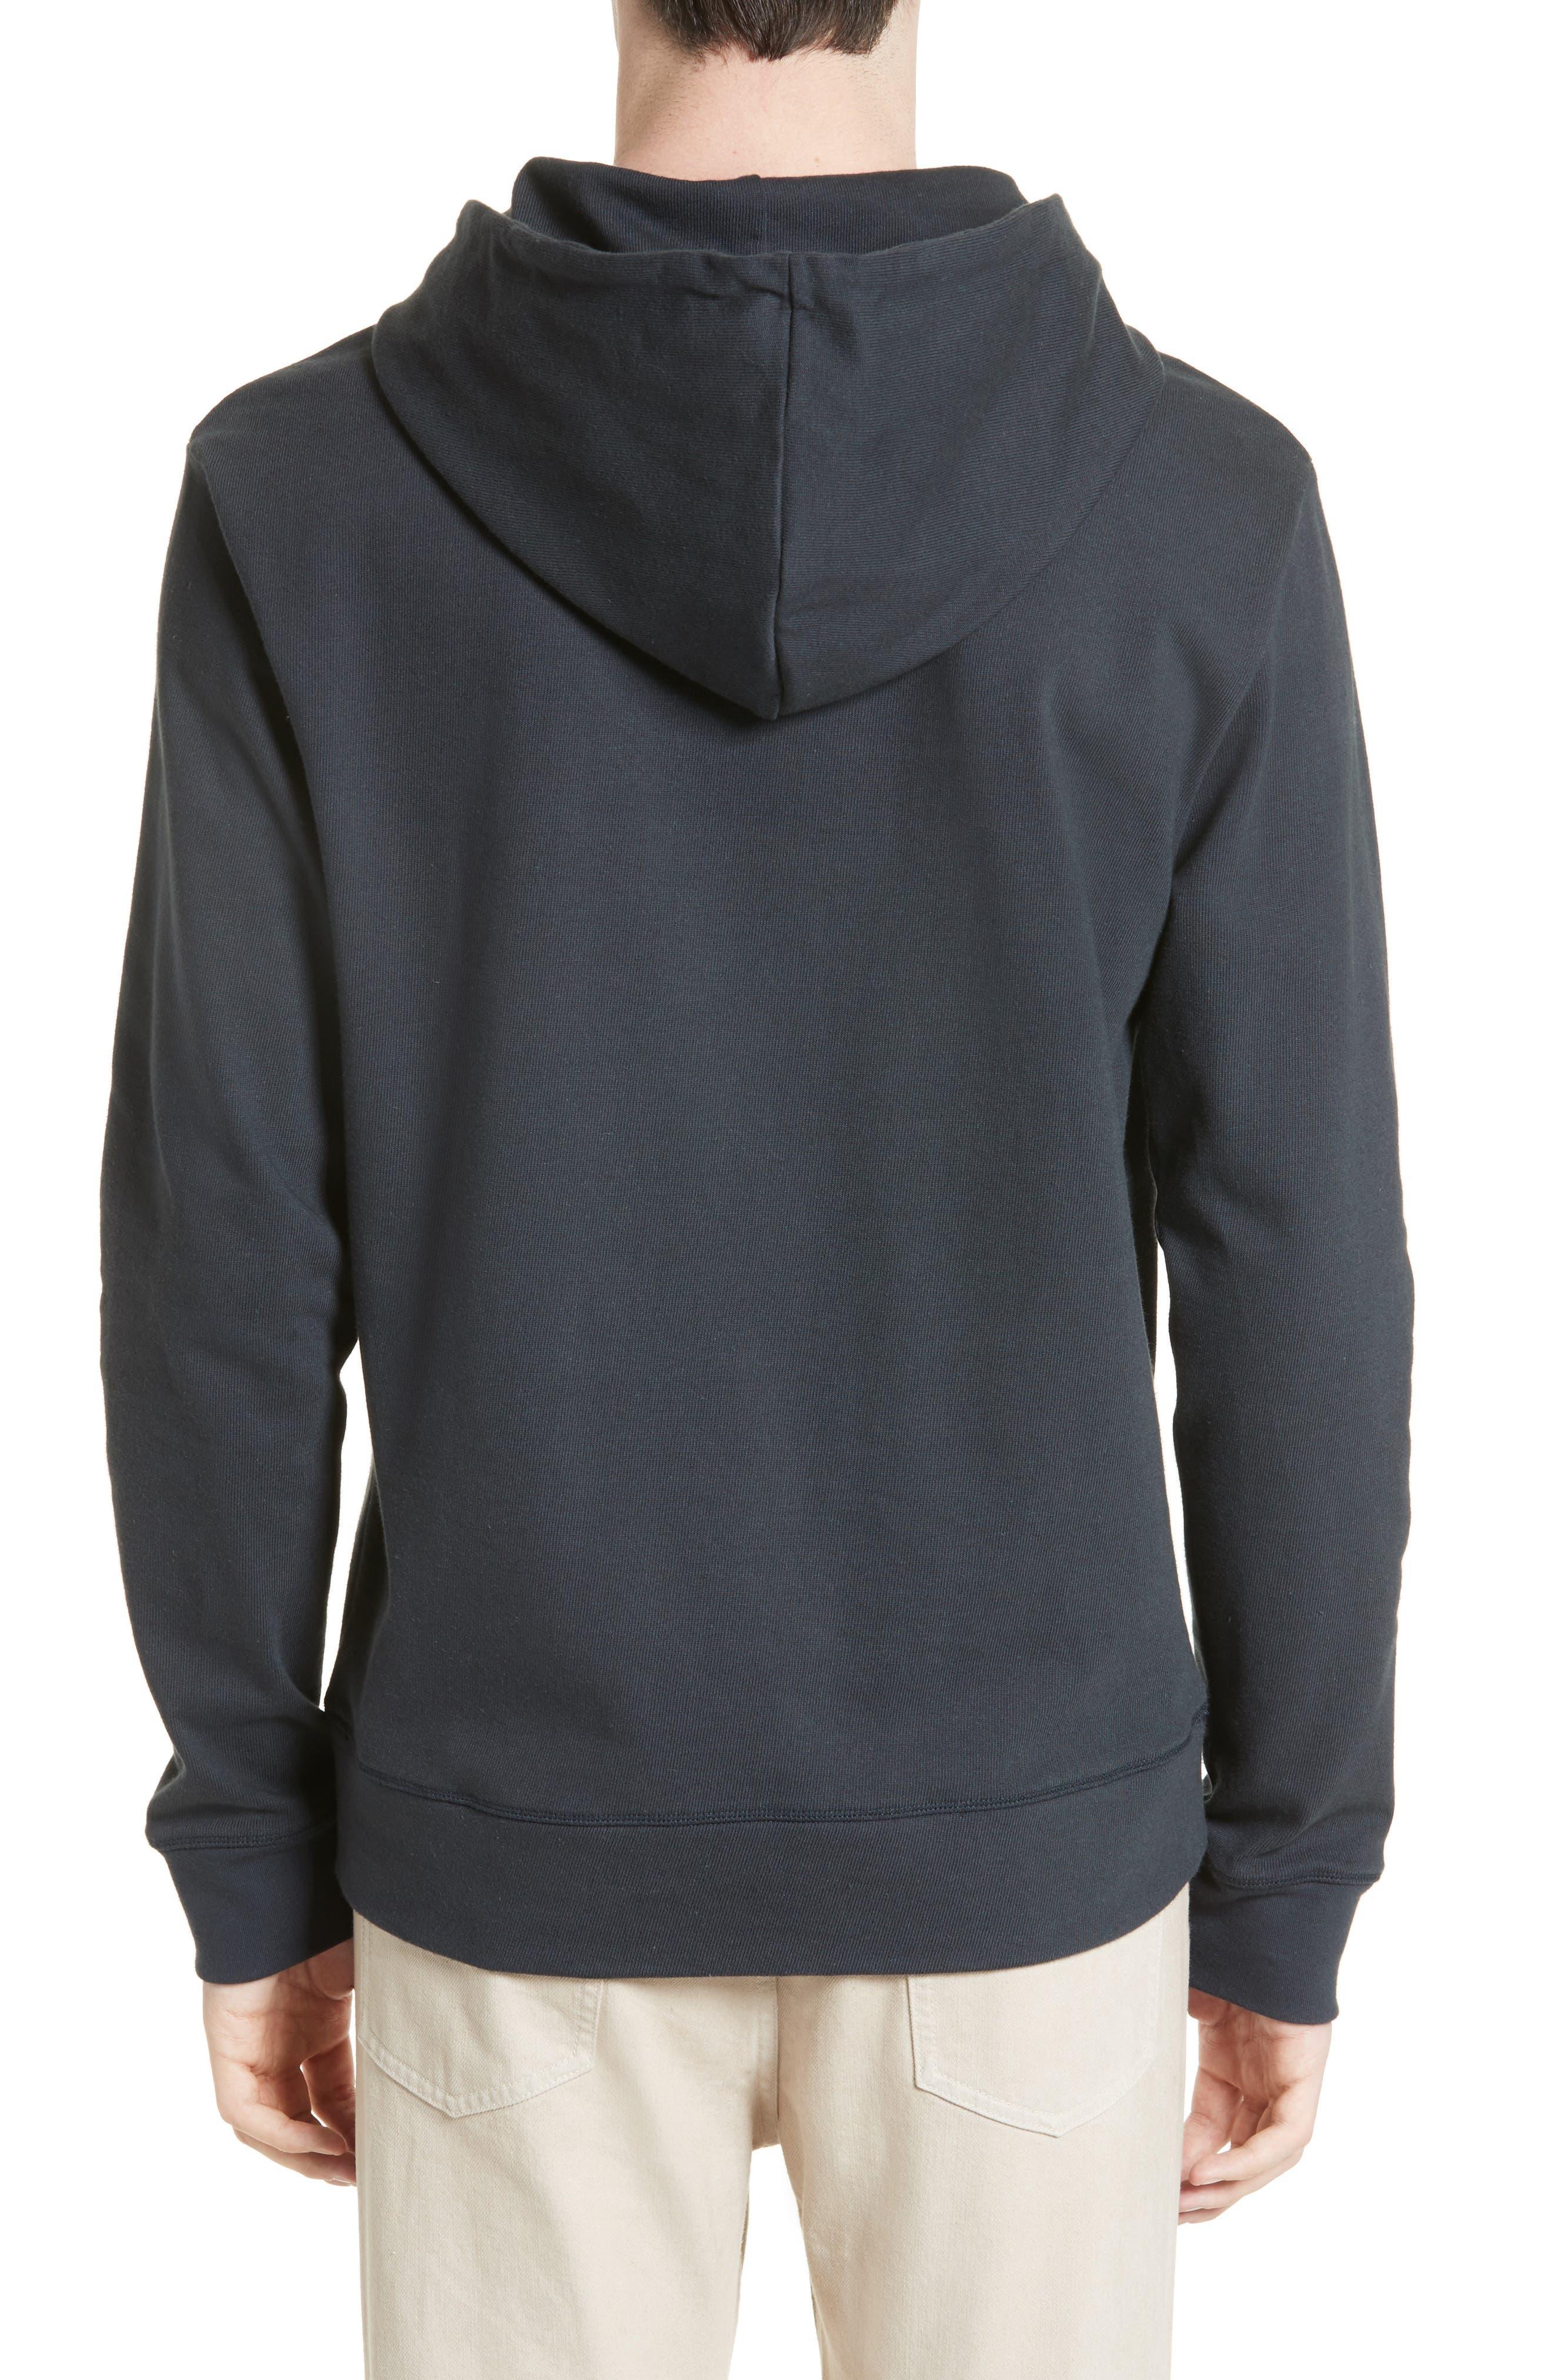 Alternate Image 2  - A.P.C. Brody Hooded Sweatshirt